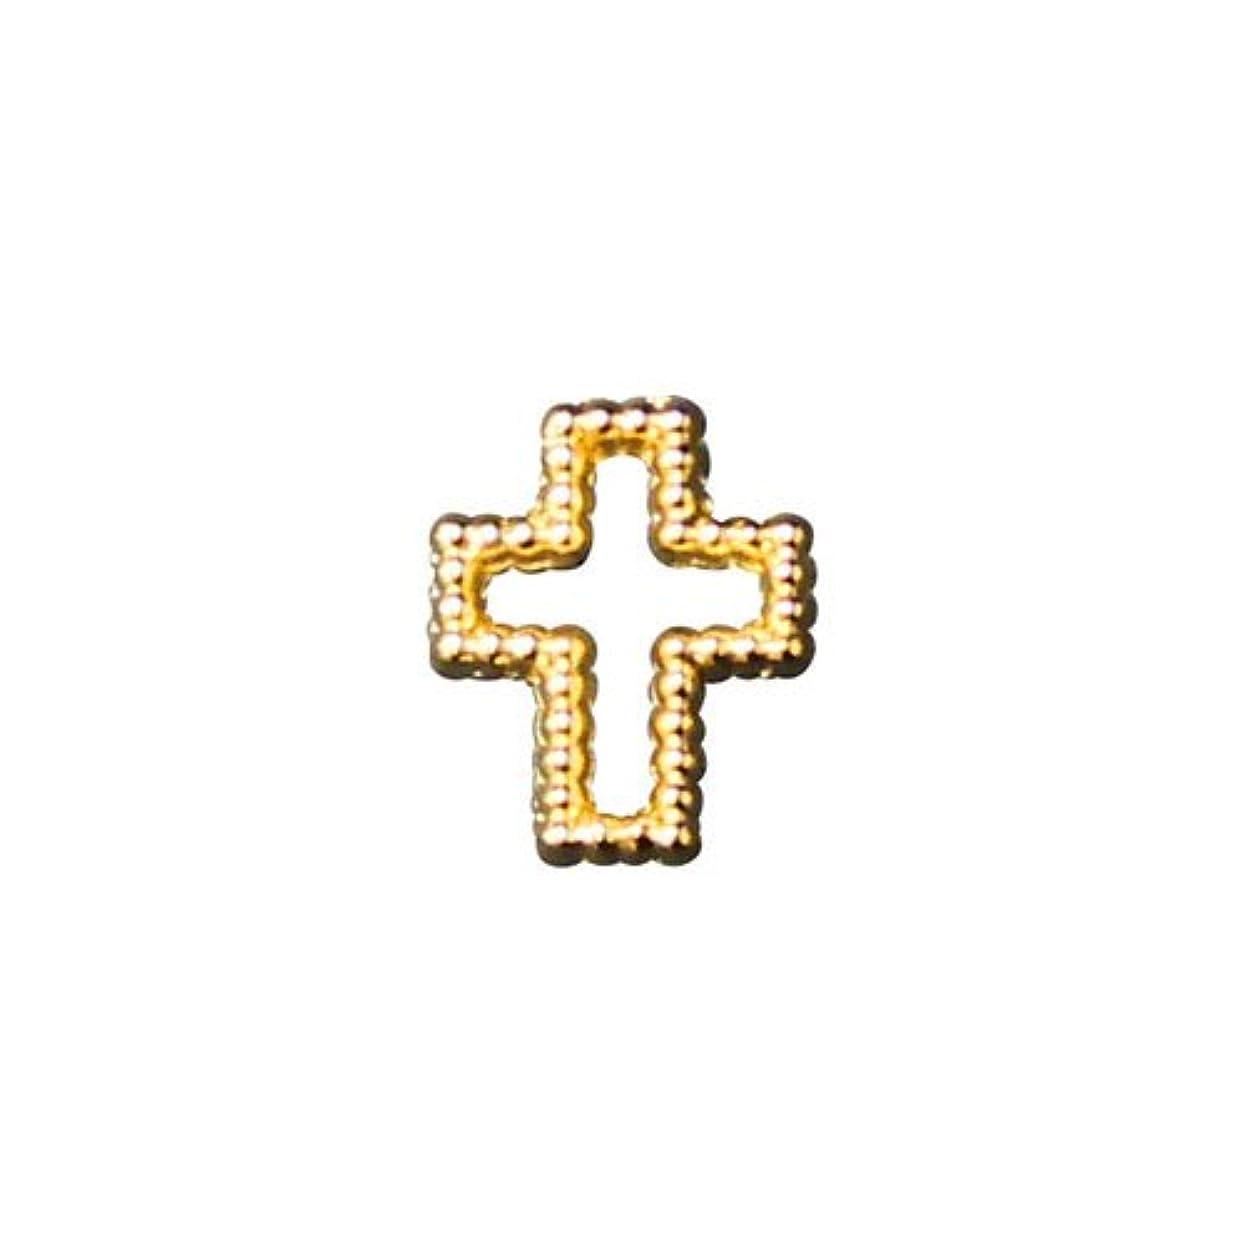 経由で発見請求書プリティーネイル ネイルアートパーツ ブリオンクロス2 M ゴールド 12個